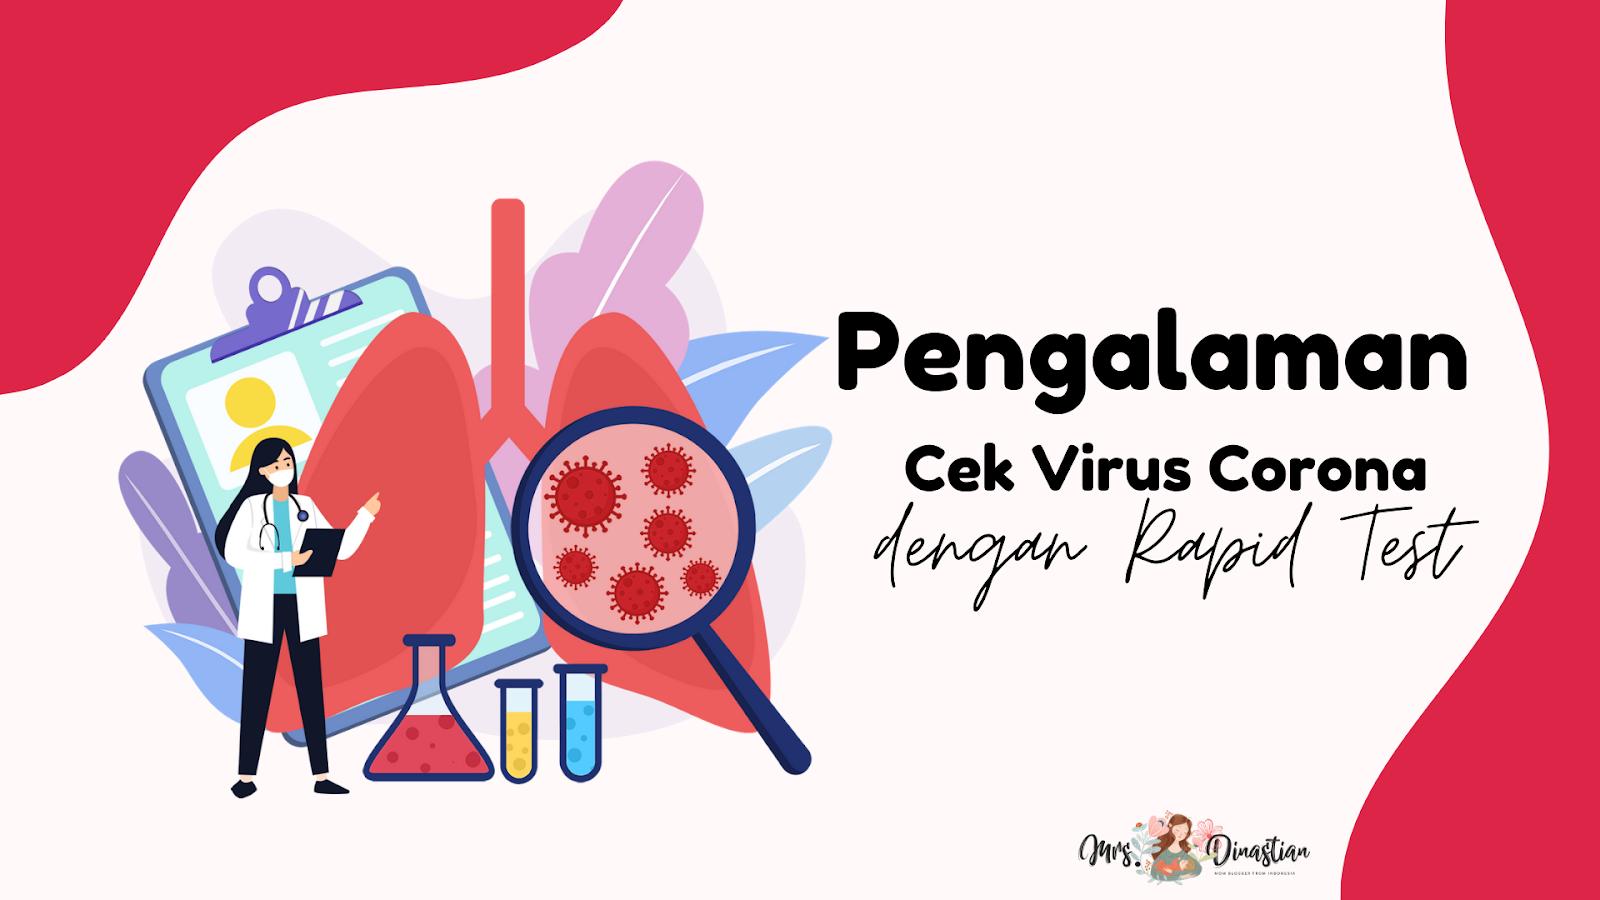 Pengalaman Cek Virus Corona